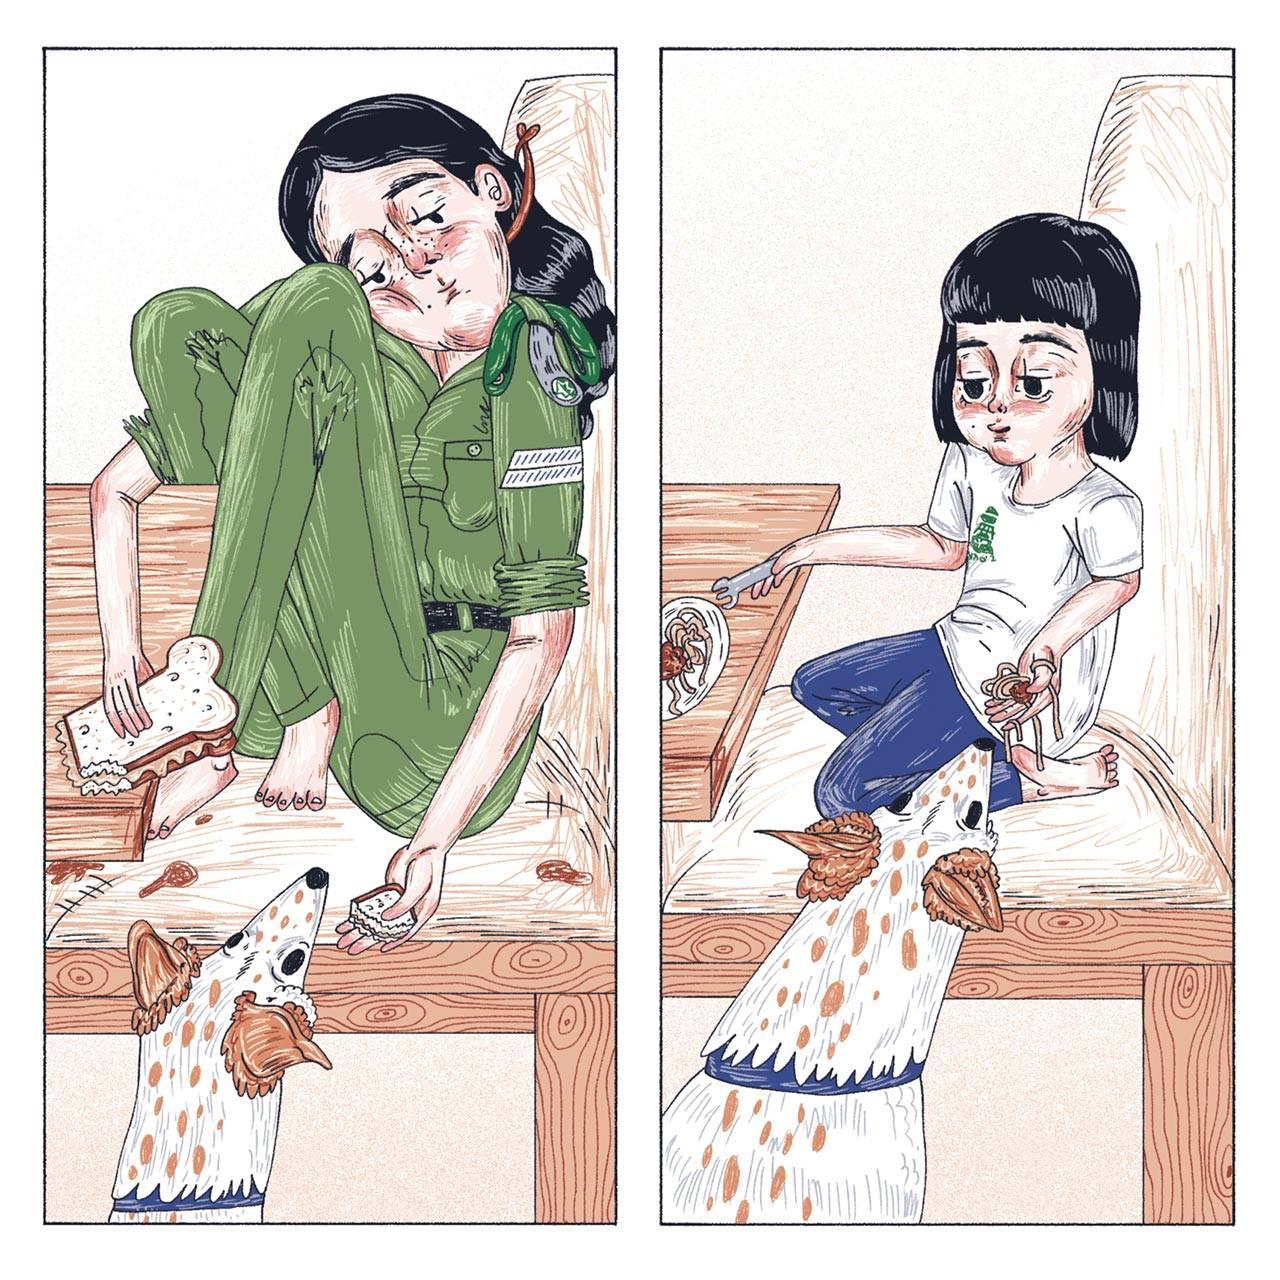 איה טל־שיר, שבע שנים לפרס קרטס לקומיקס